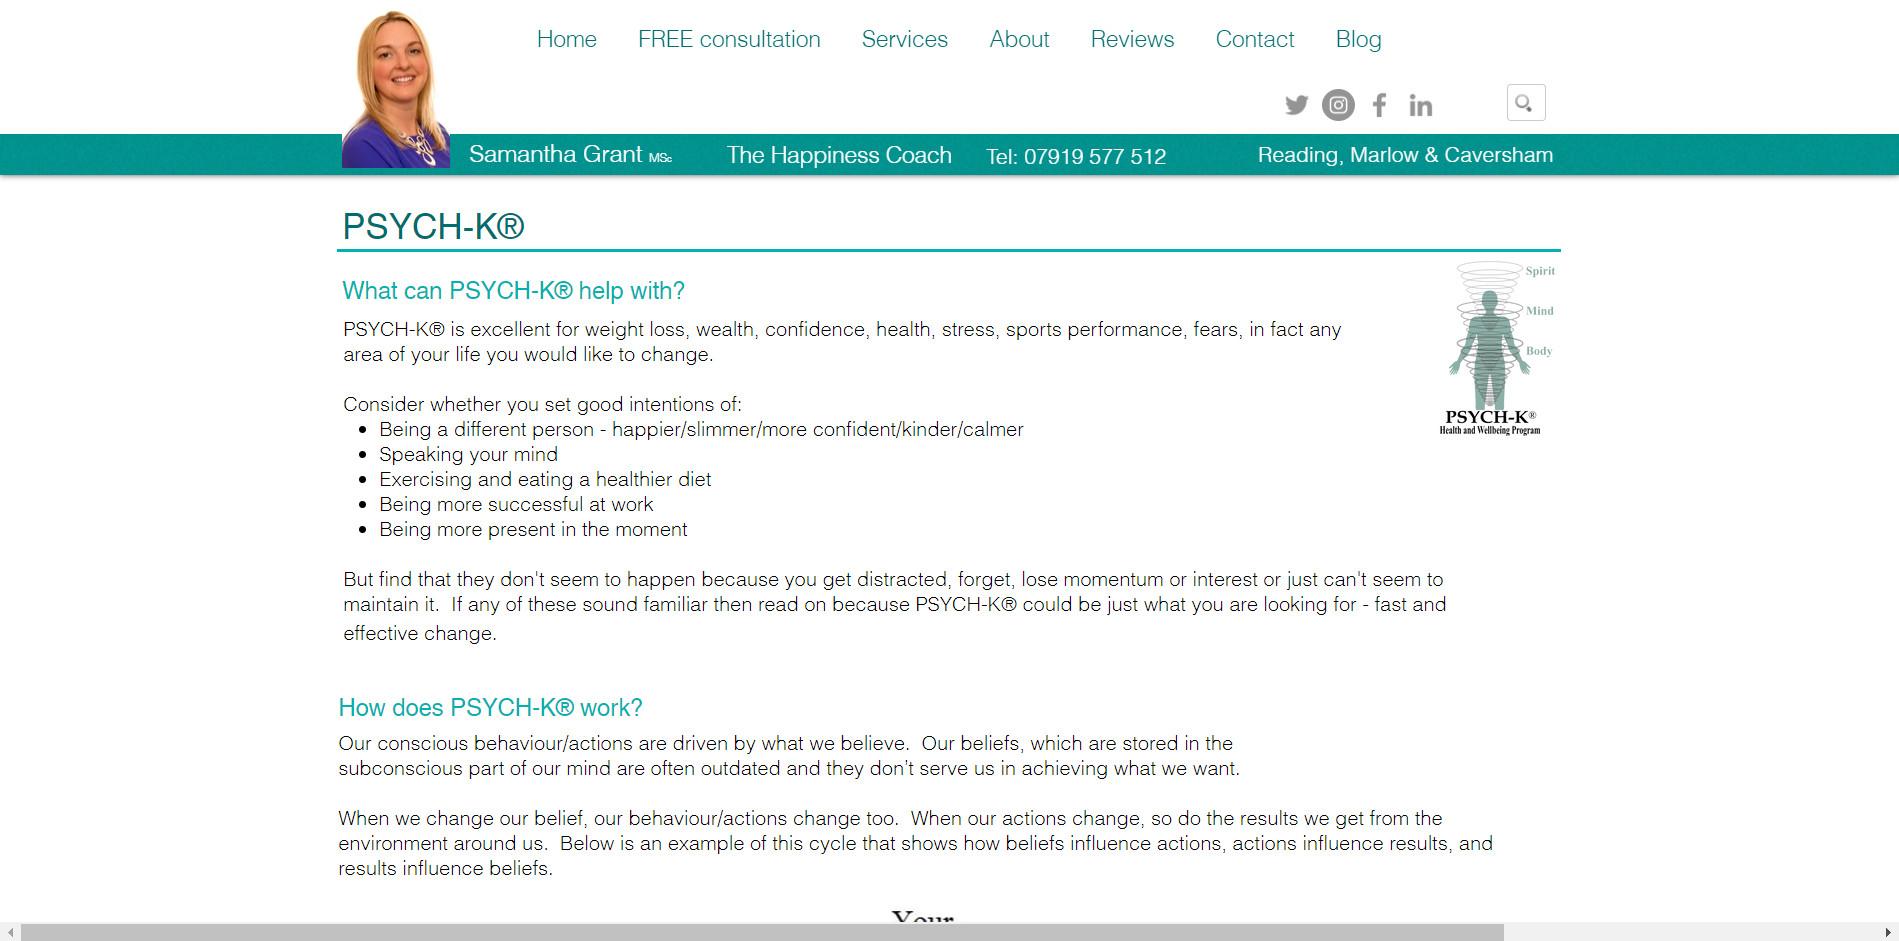 samantha grant wellbeing coach website